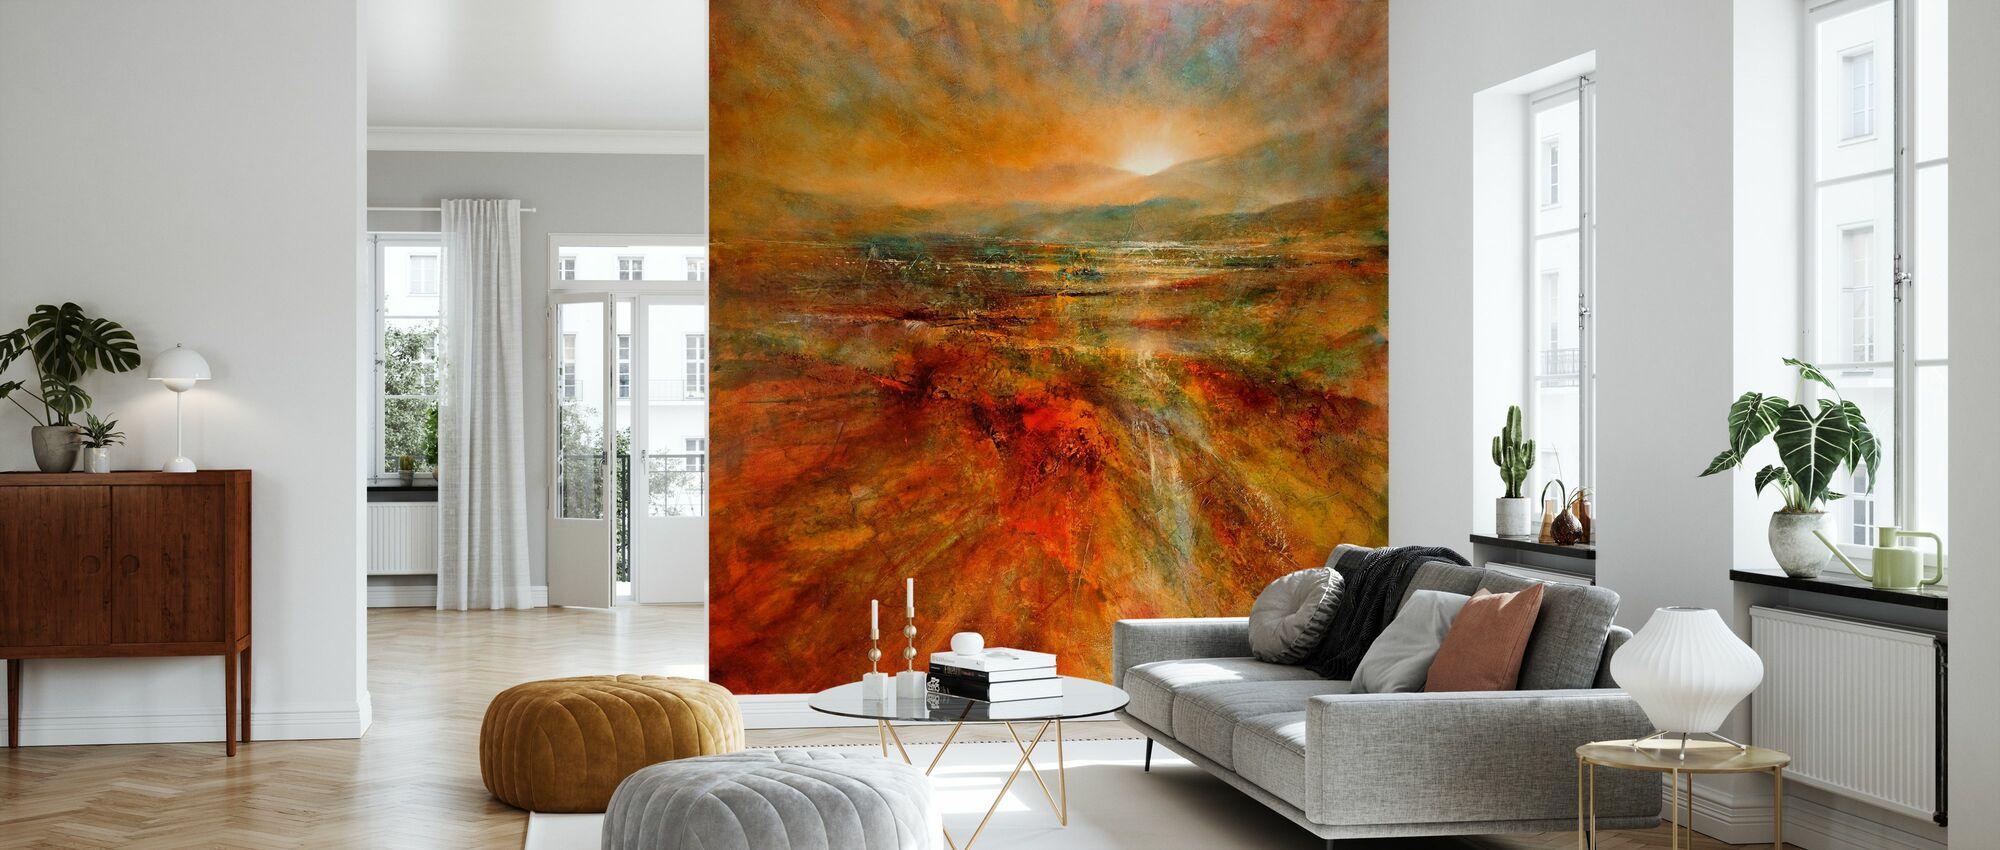 Sunrise - Wallpaper - Living Room